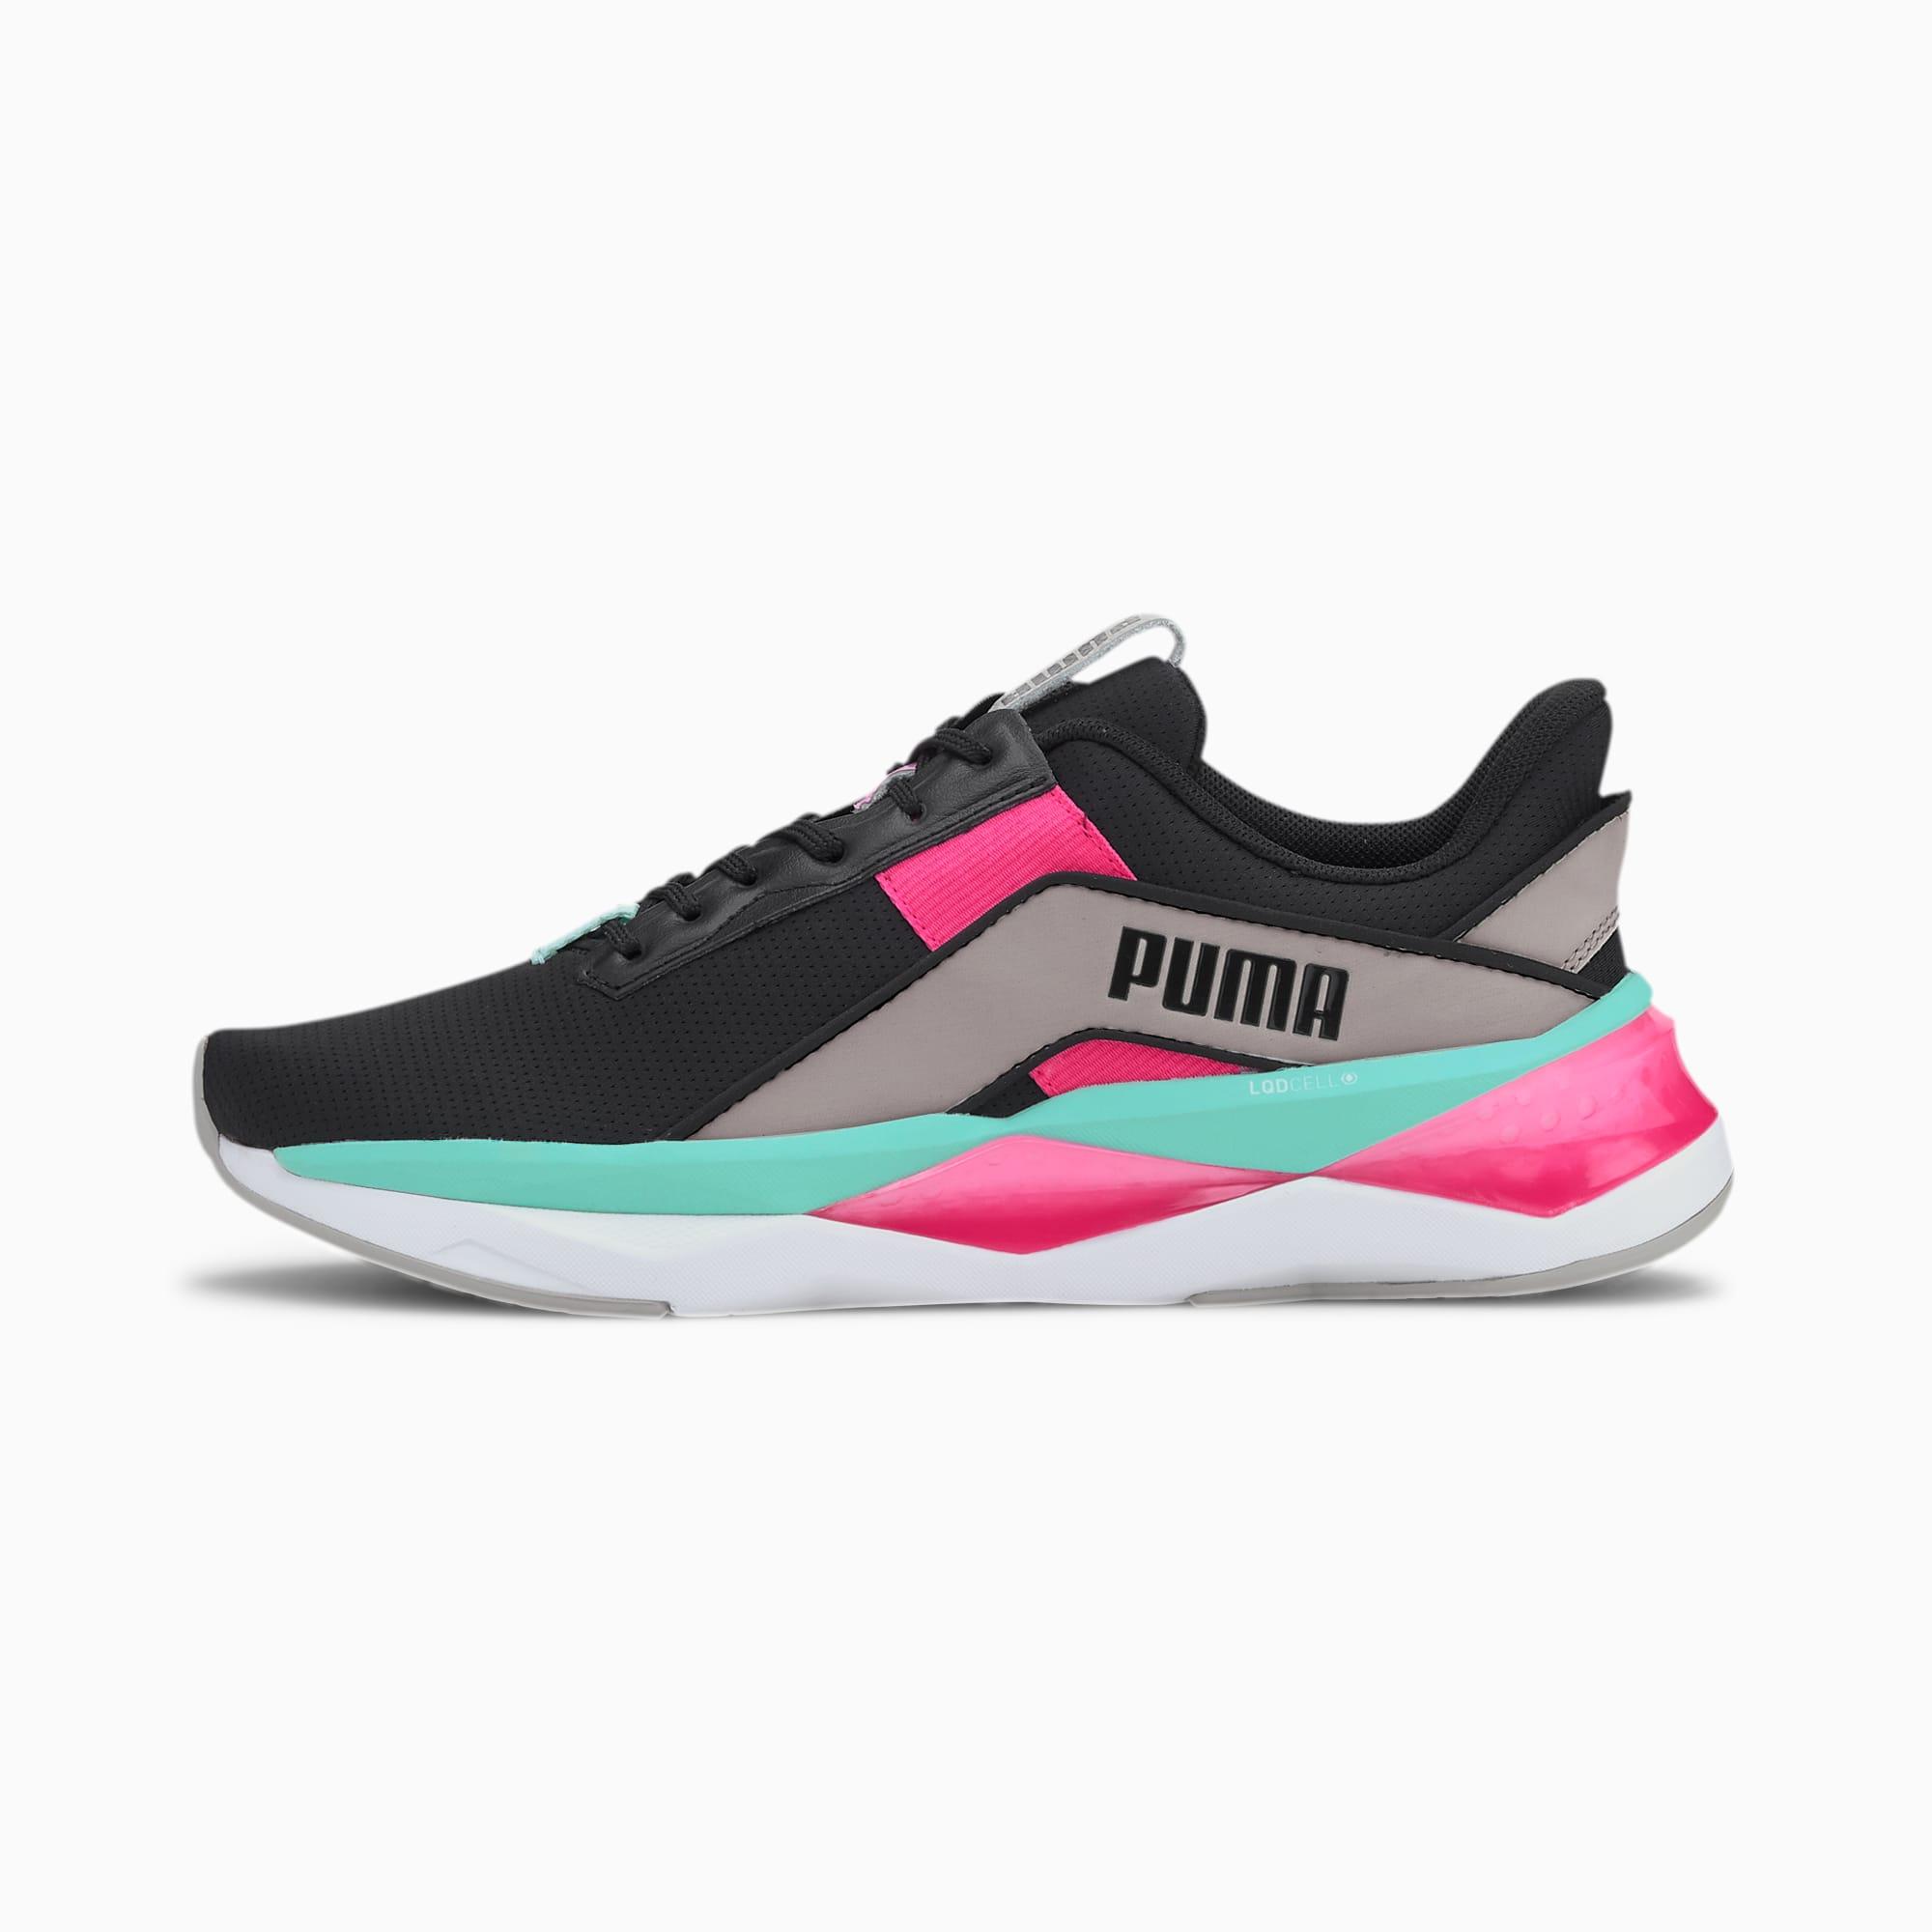 PUMA Chaussures de sport LQDCELL Shatter XT Geo femme, Noir/Gris, Taille 37.5, Chaussures